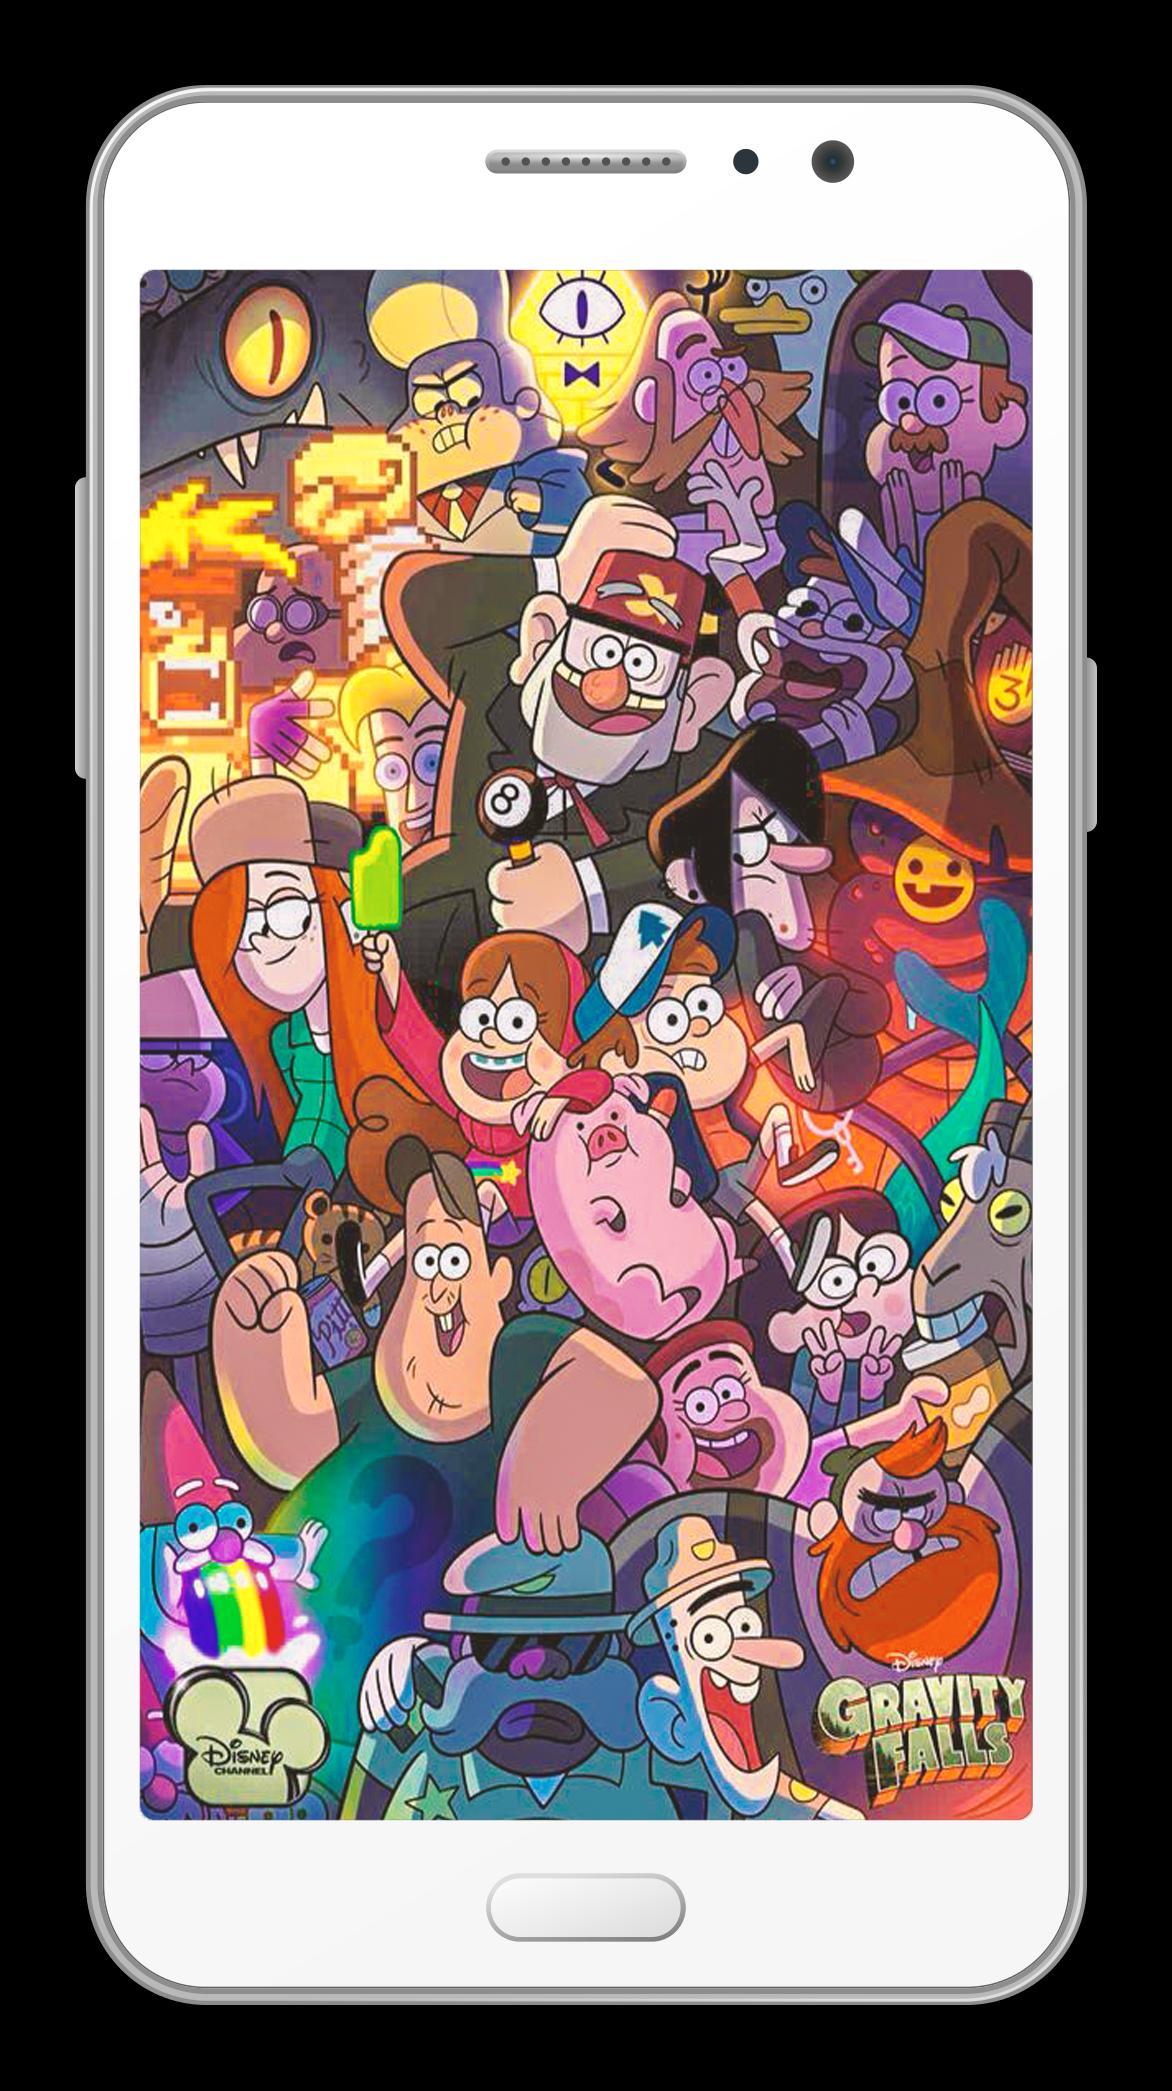 Hd Gravity Falls Wallpaper Für Android Apk Herunterladen